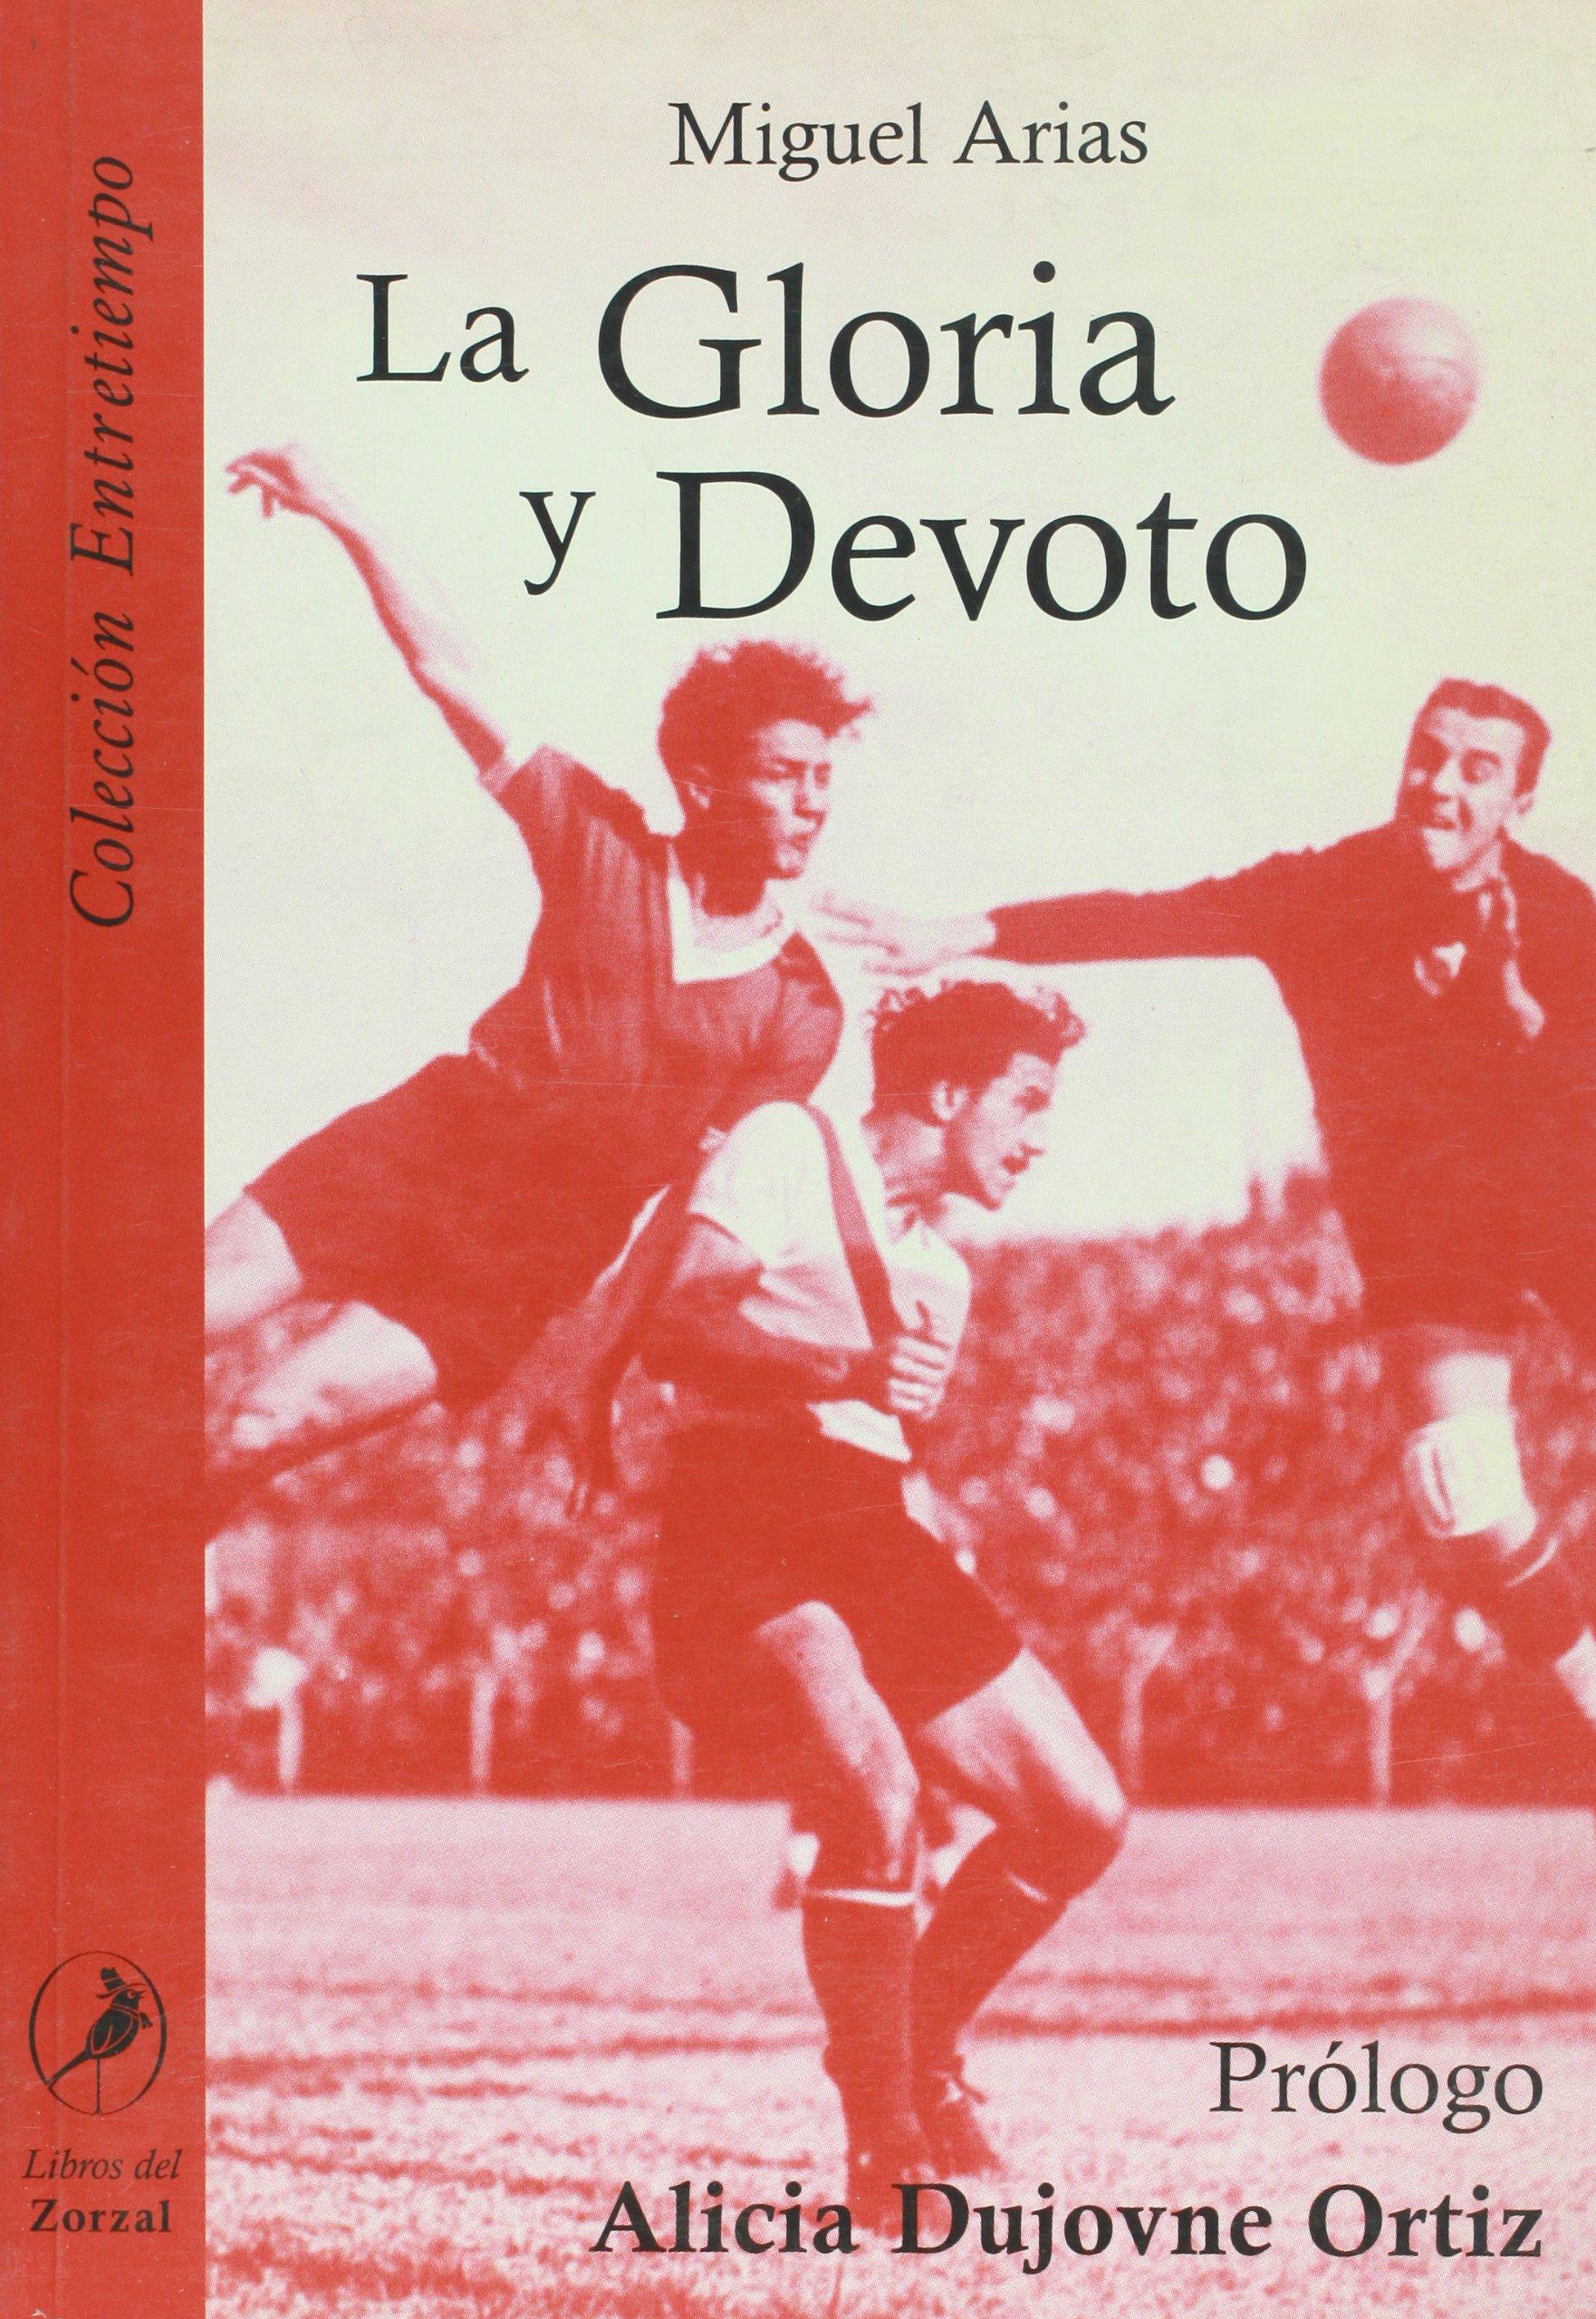 La Gloria y Devoto (Spanish Edition) by Libros del Zorzal